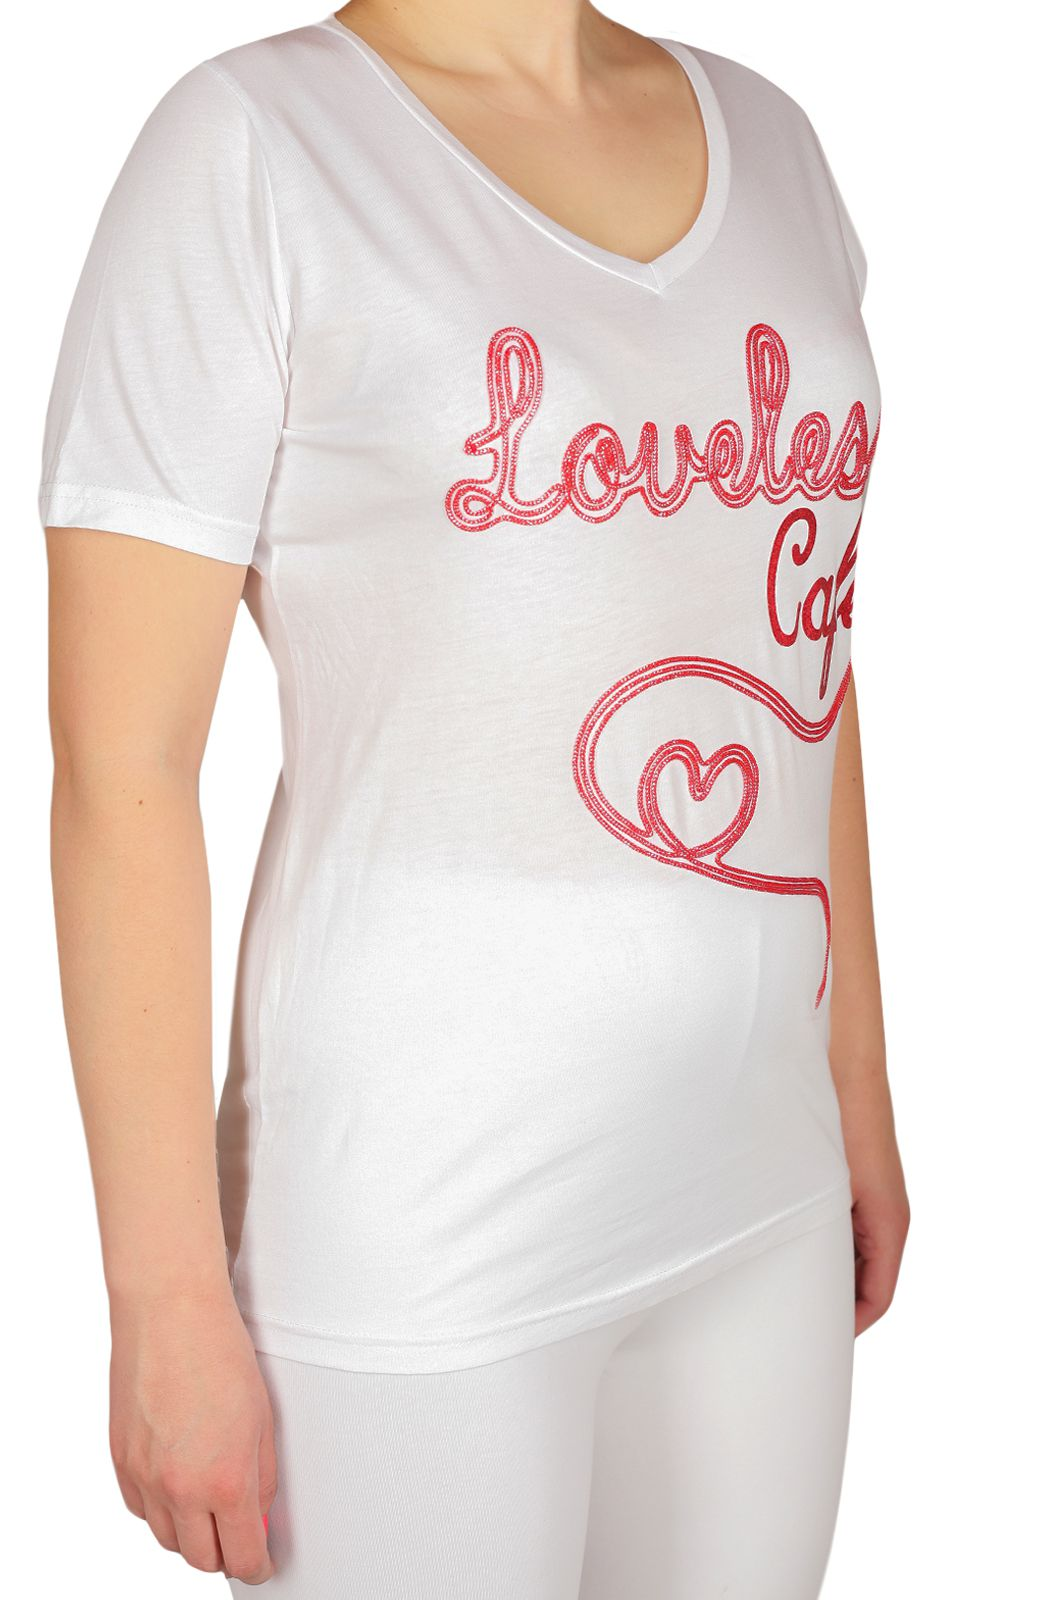 Женская футболка от Loveless Cafe (США) - КОЛЛЕКЦИЯ 2017 - вид сбоку